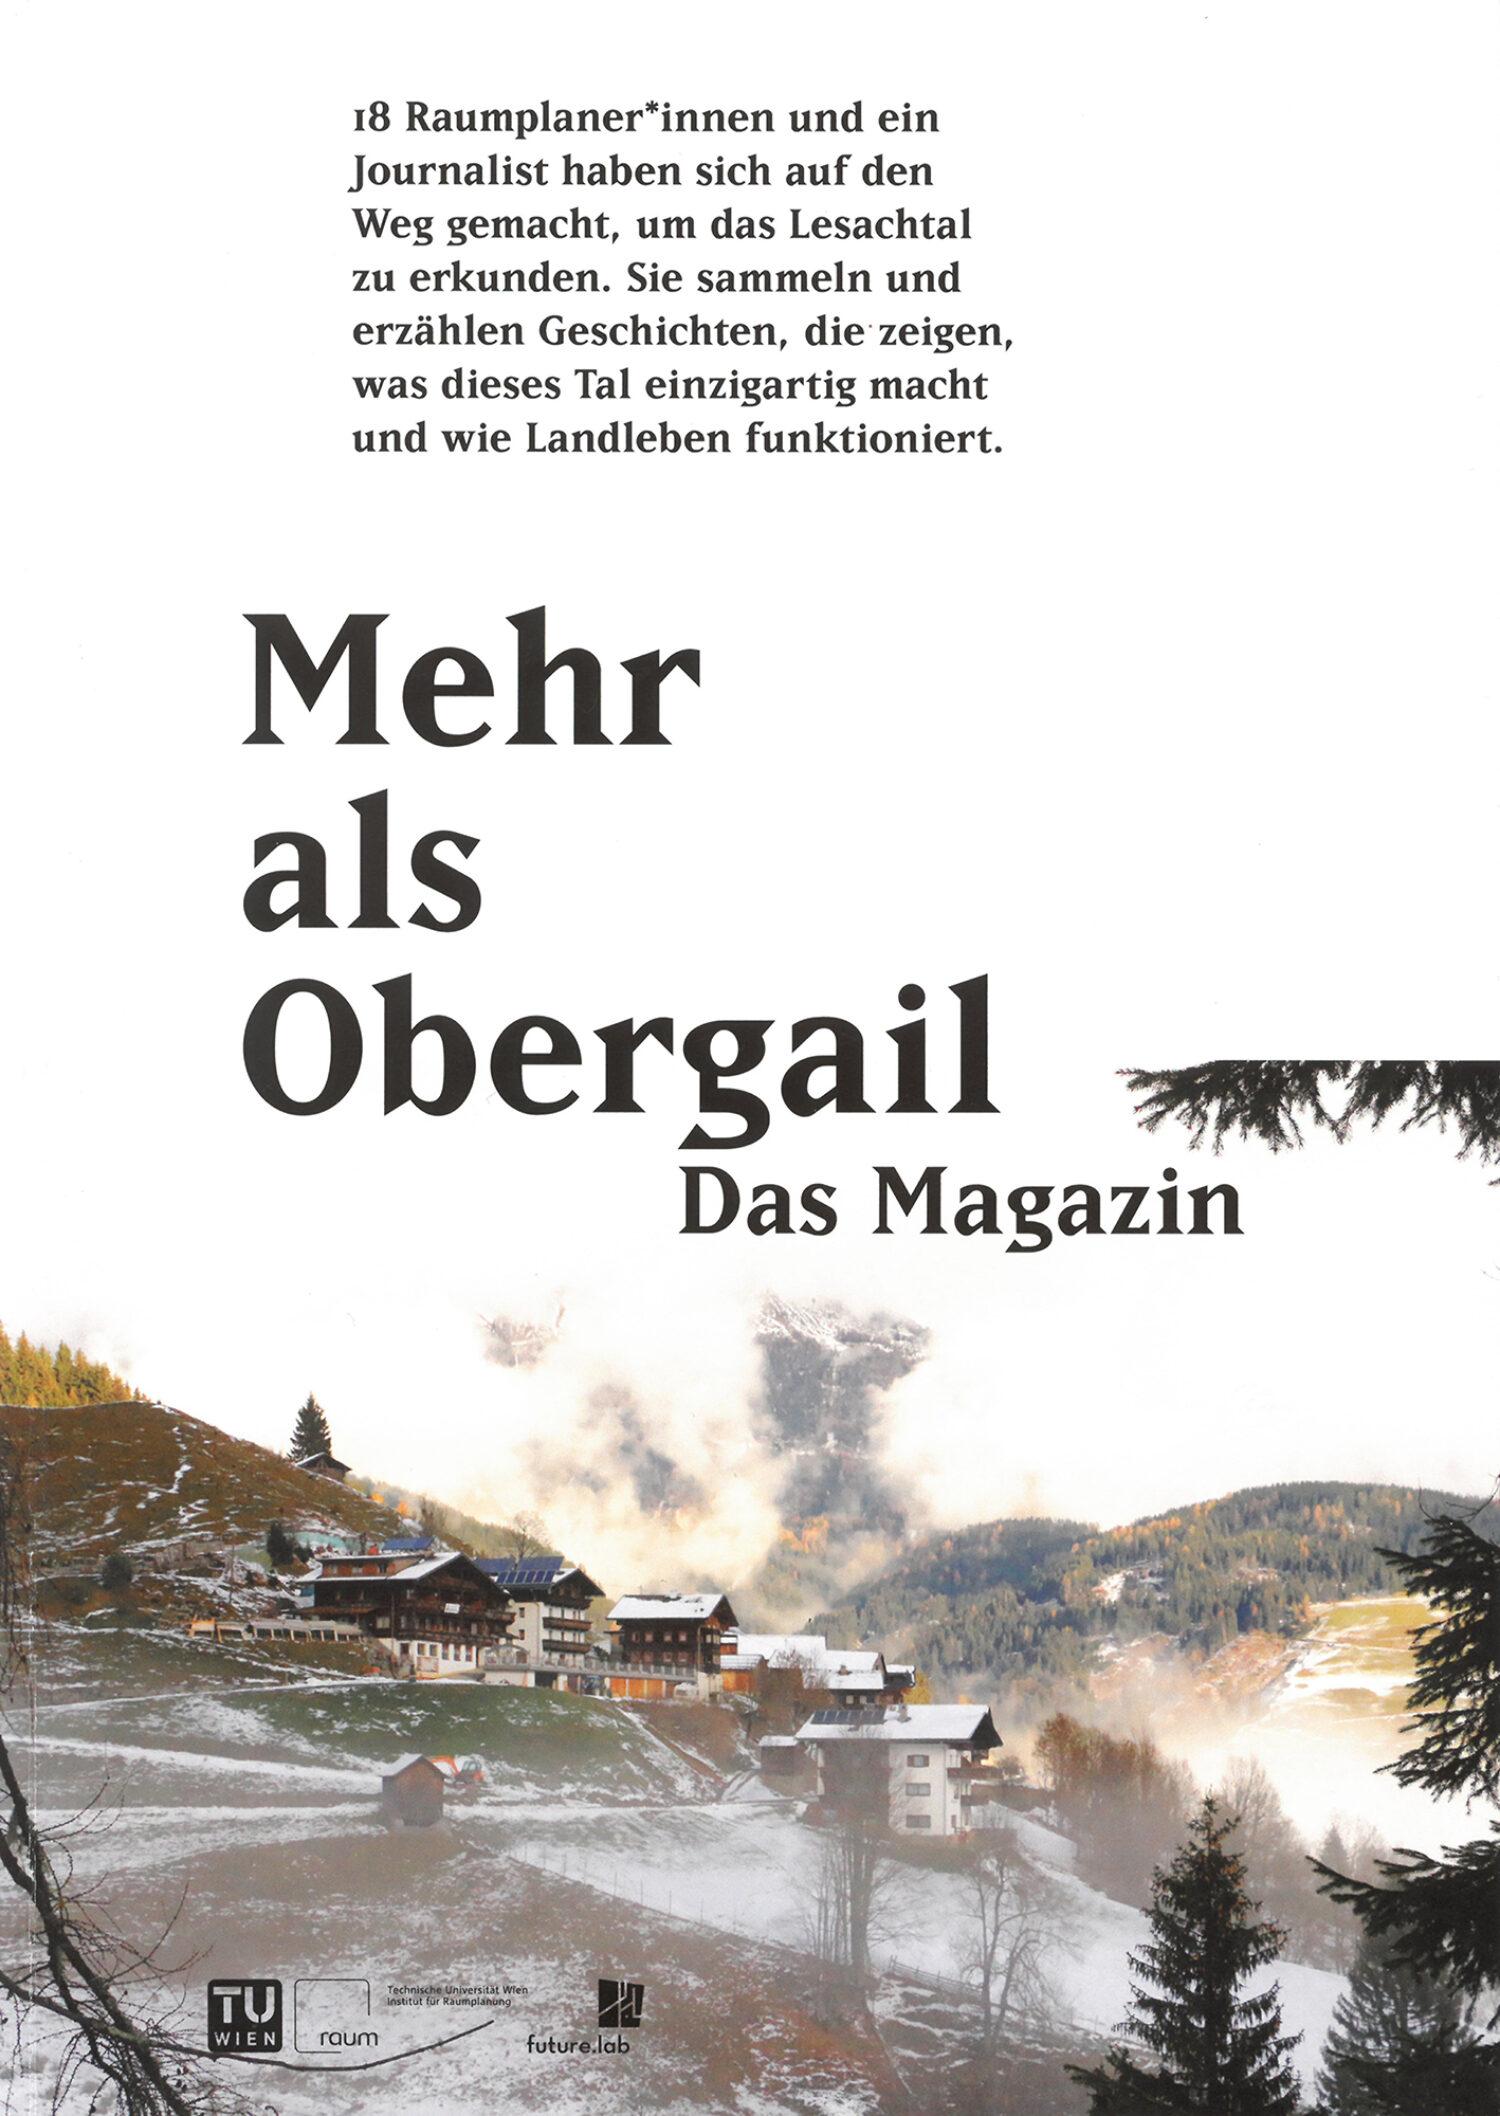 Mehr als Obergail. Das Magazin, 2018/2019, Coverfoto: Antonia Schneider © Institut für Raumplanung/TU Wien